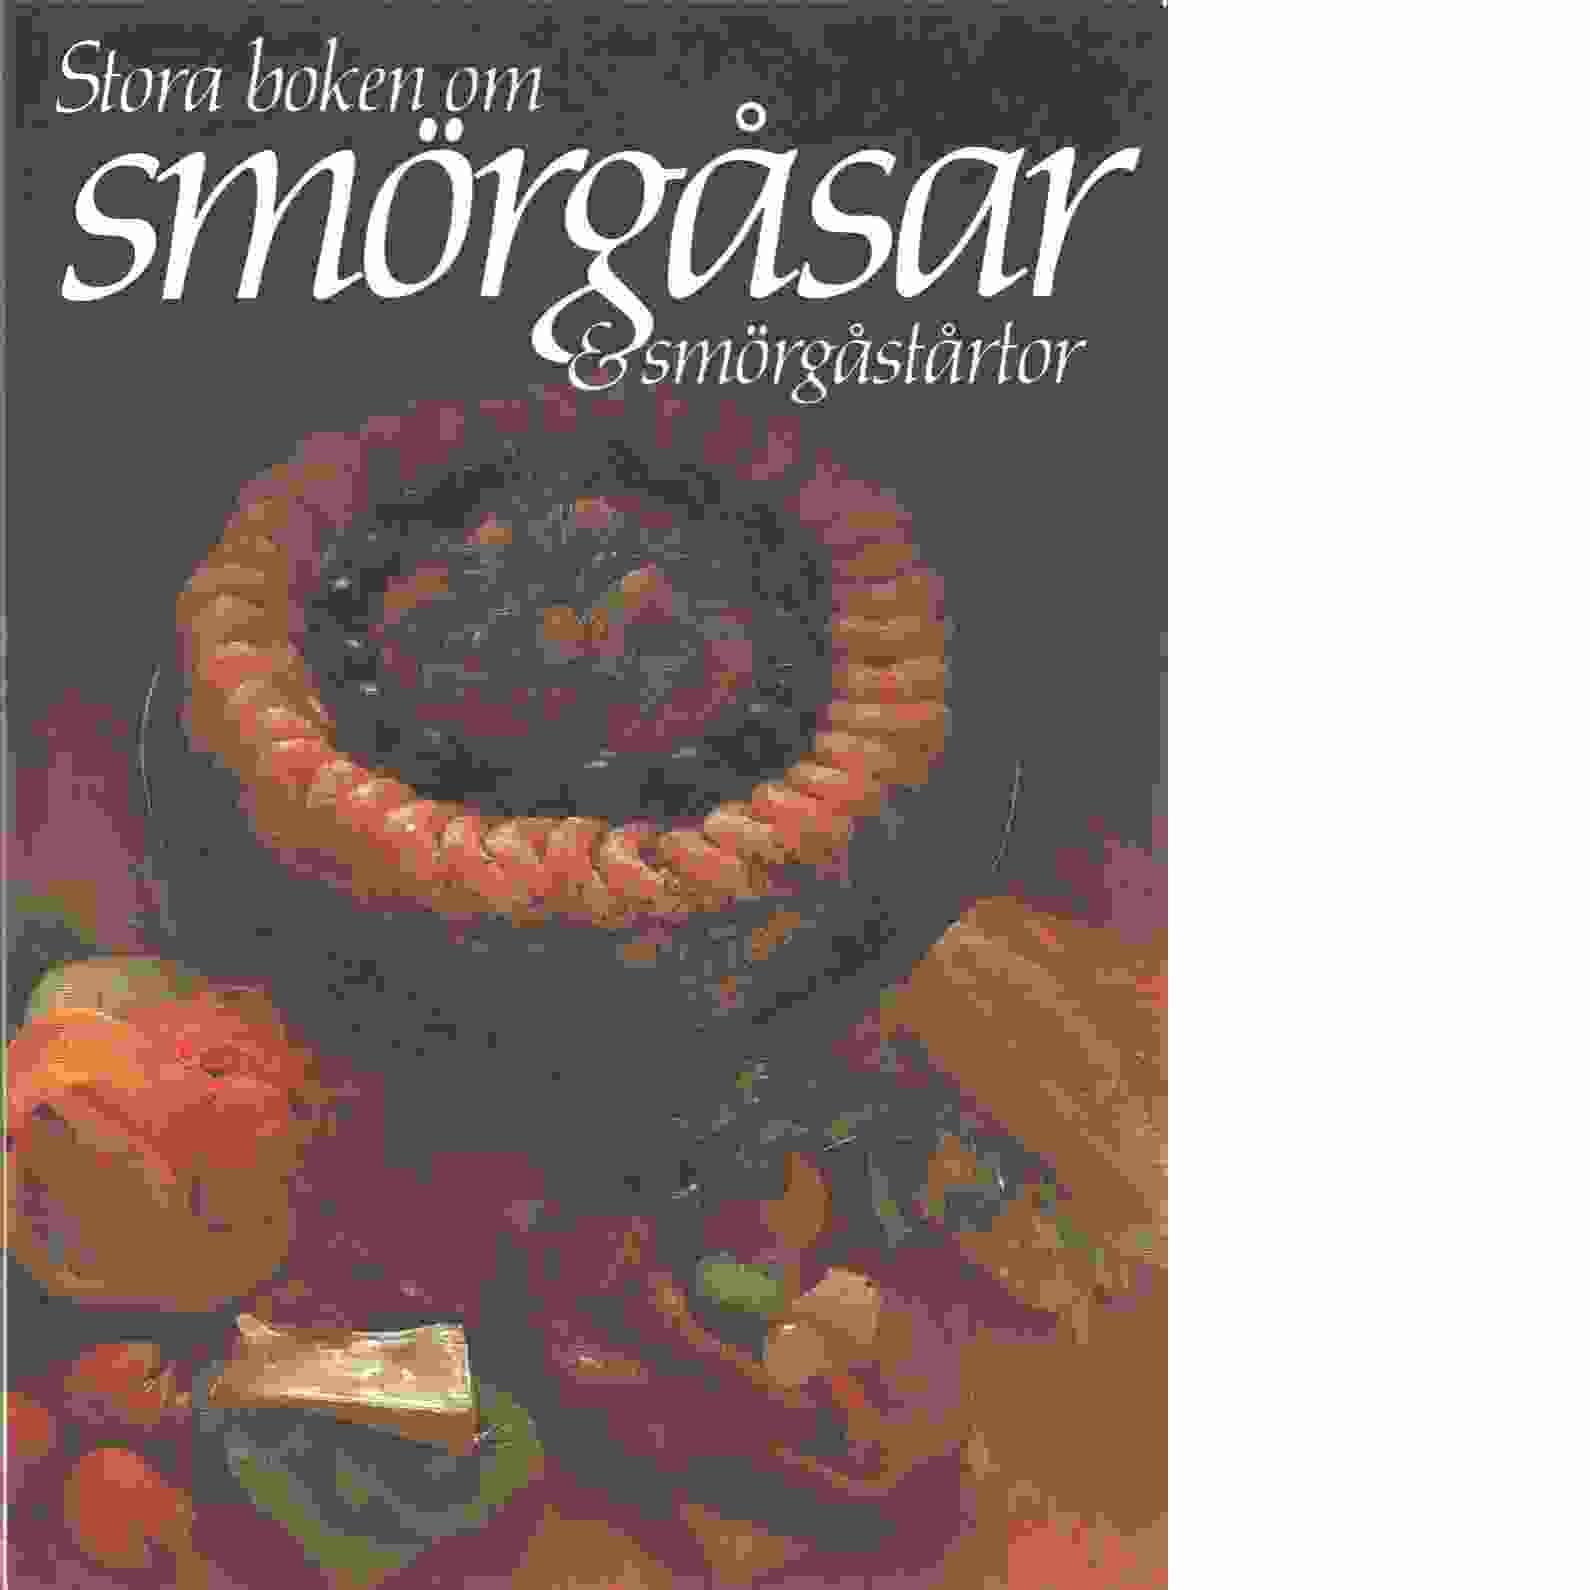 Stora boken om smörgåsar & smörgåstårtor - Red.